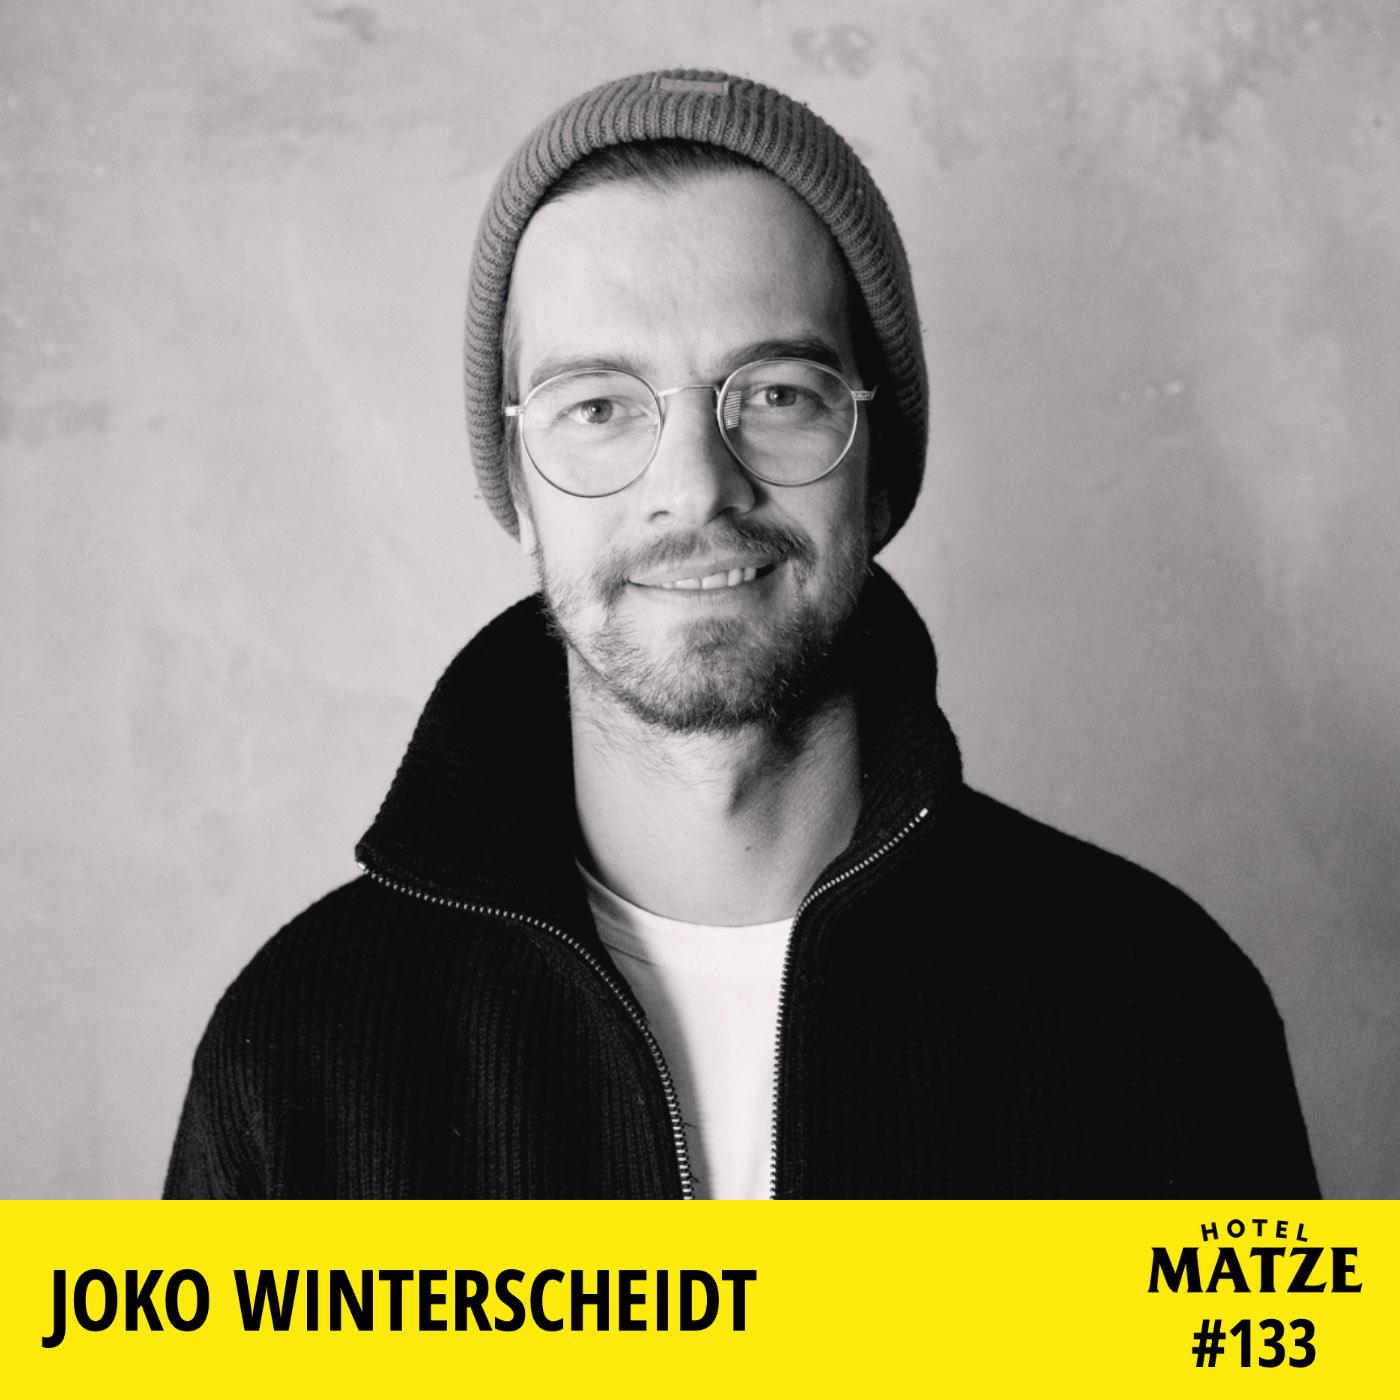 Joko Winterscheidt - Was hast du noch nicht erreicht?